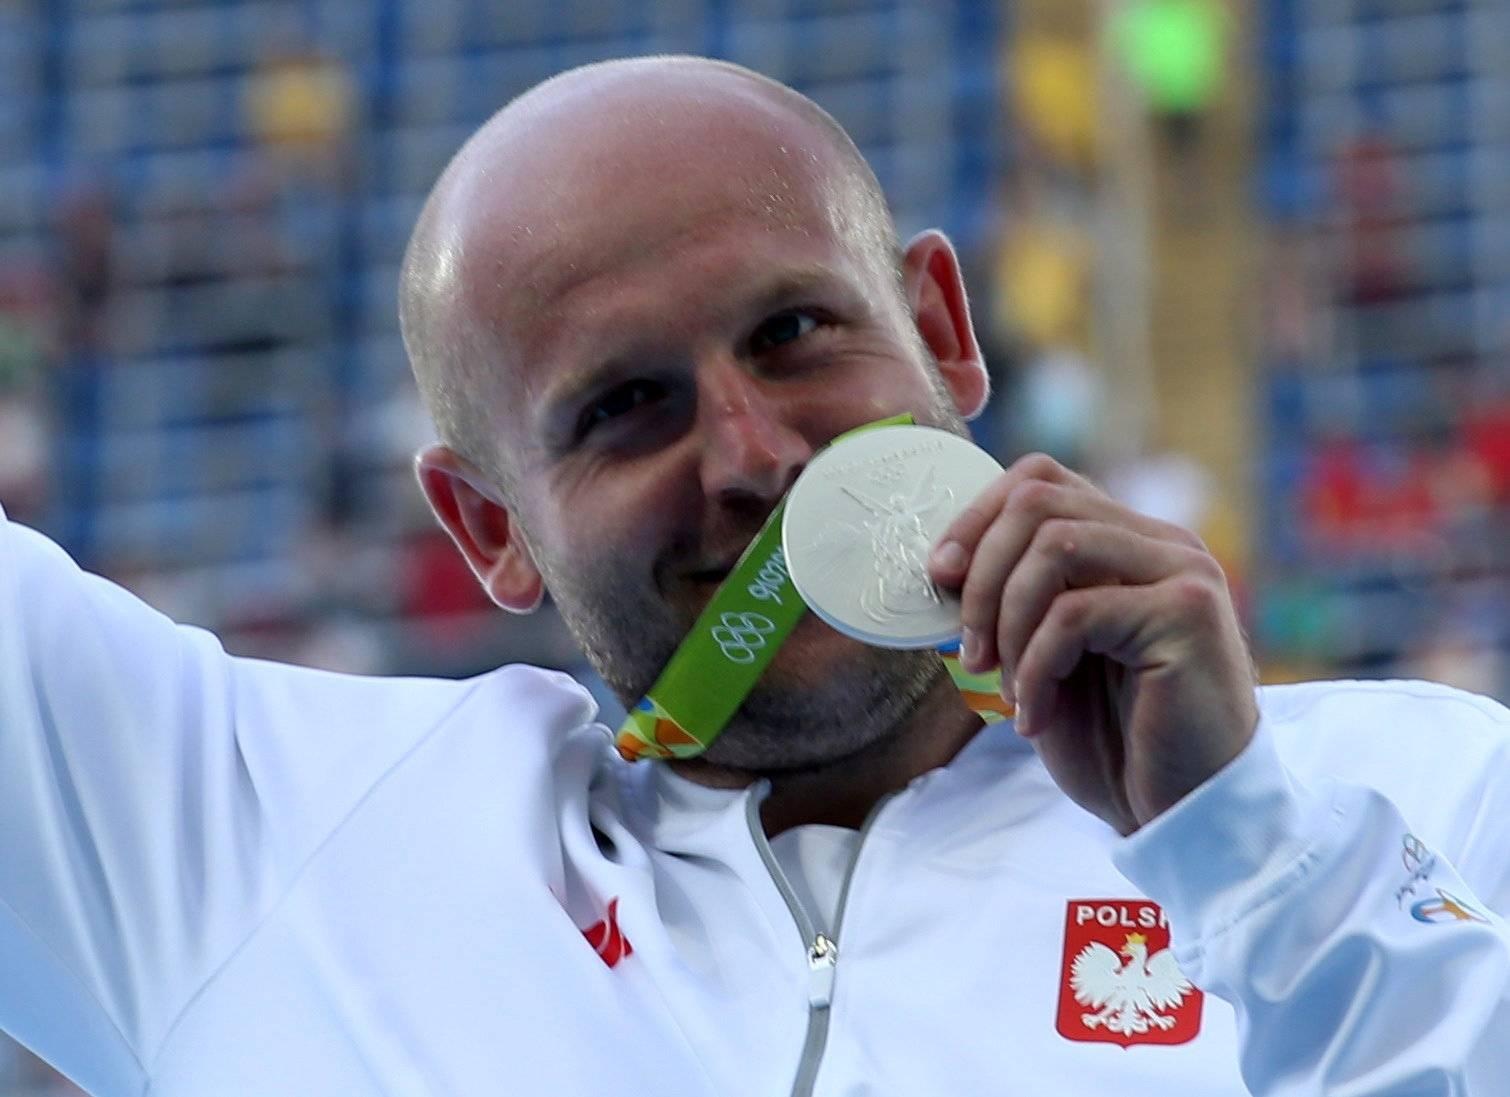 Athletics - Men's Discus Throw Victory Ceremony